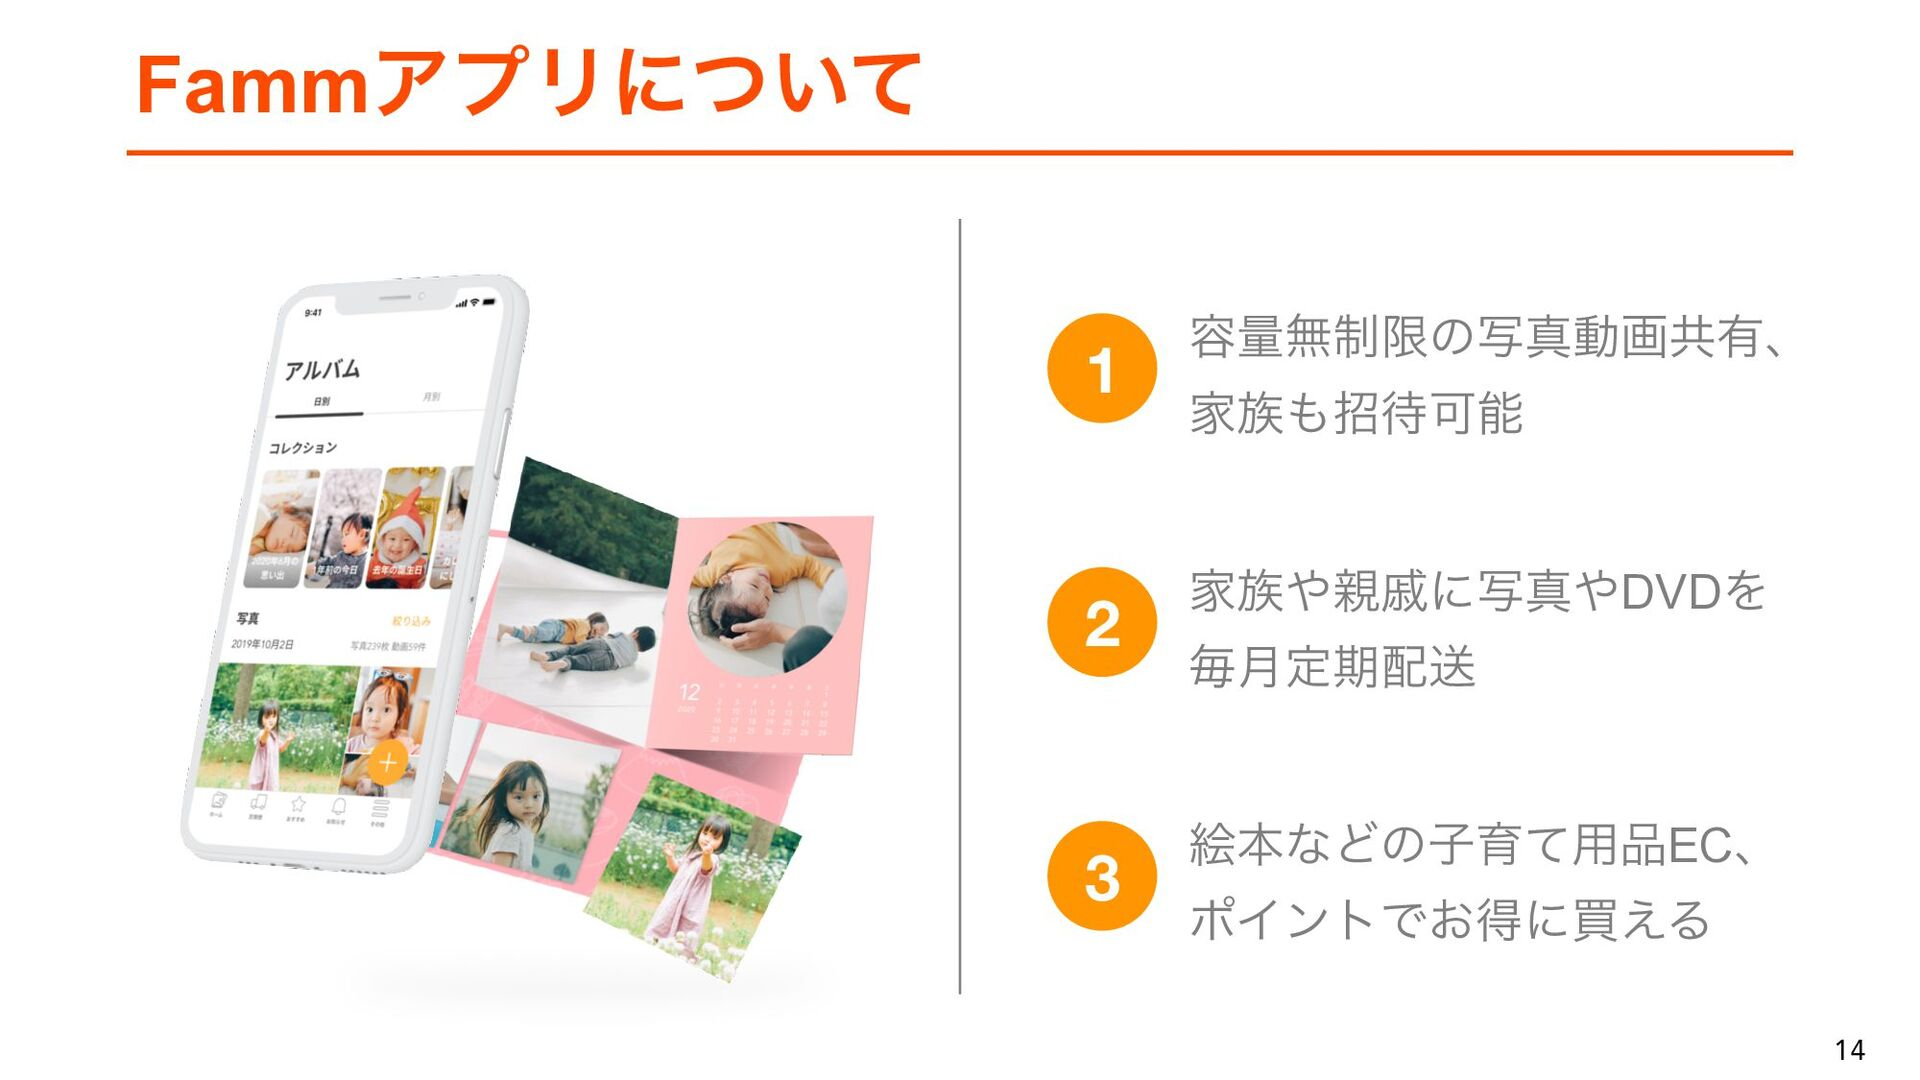 14 14 ソリューション 子育て家族に最適化した複数のサービスを展開 Fammのサービスを利...